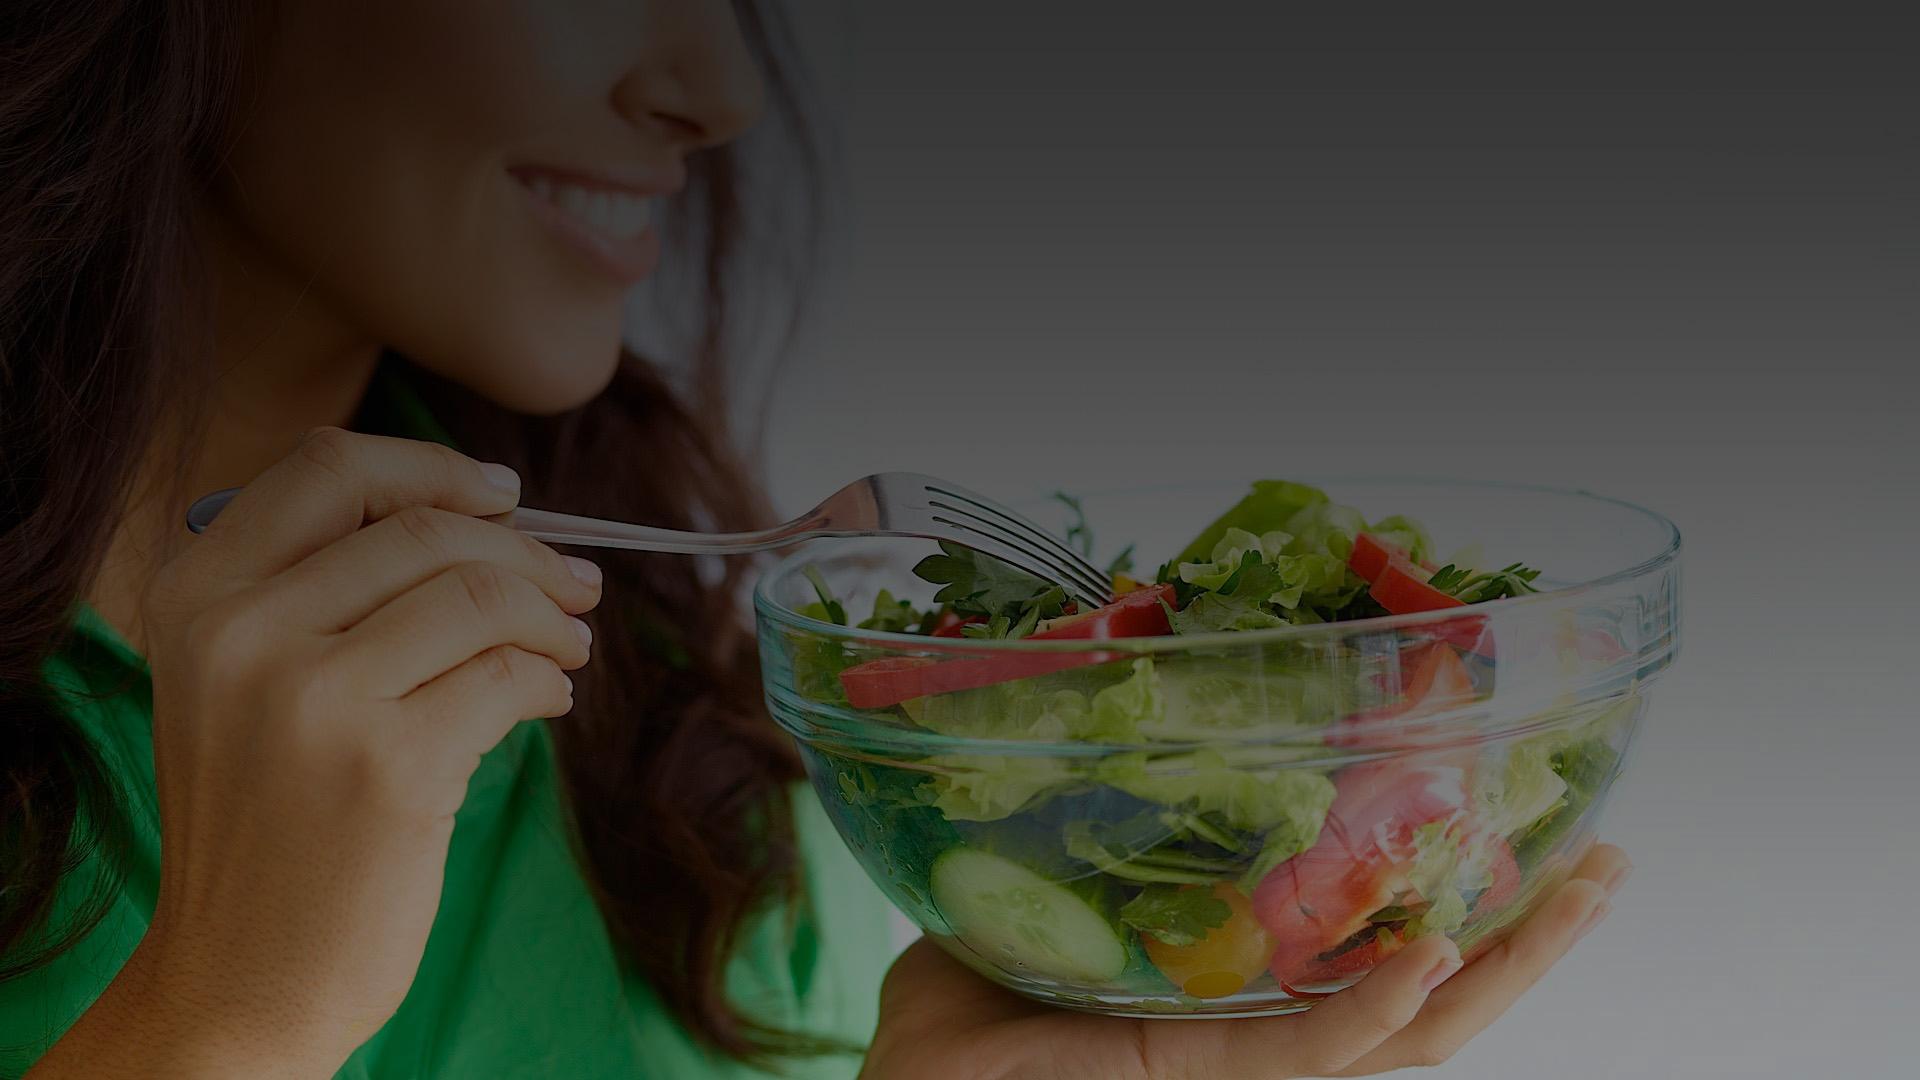 Правильное питание в борьбе женщины за красоту и здоровье